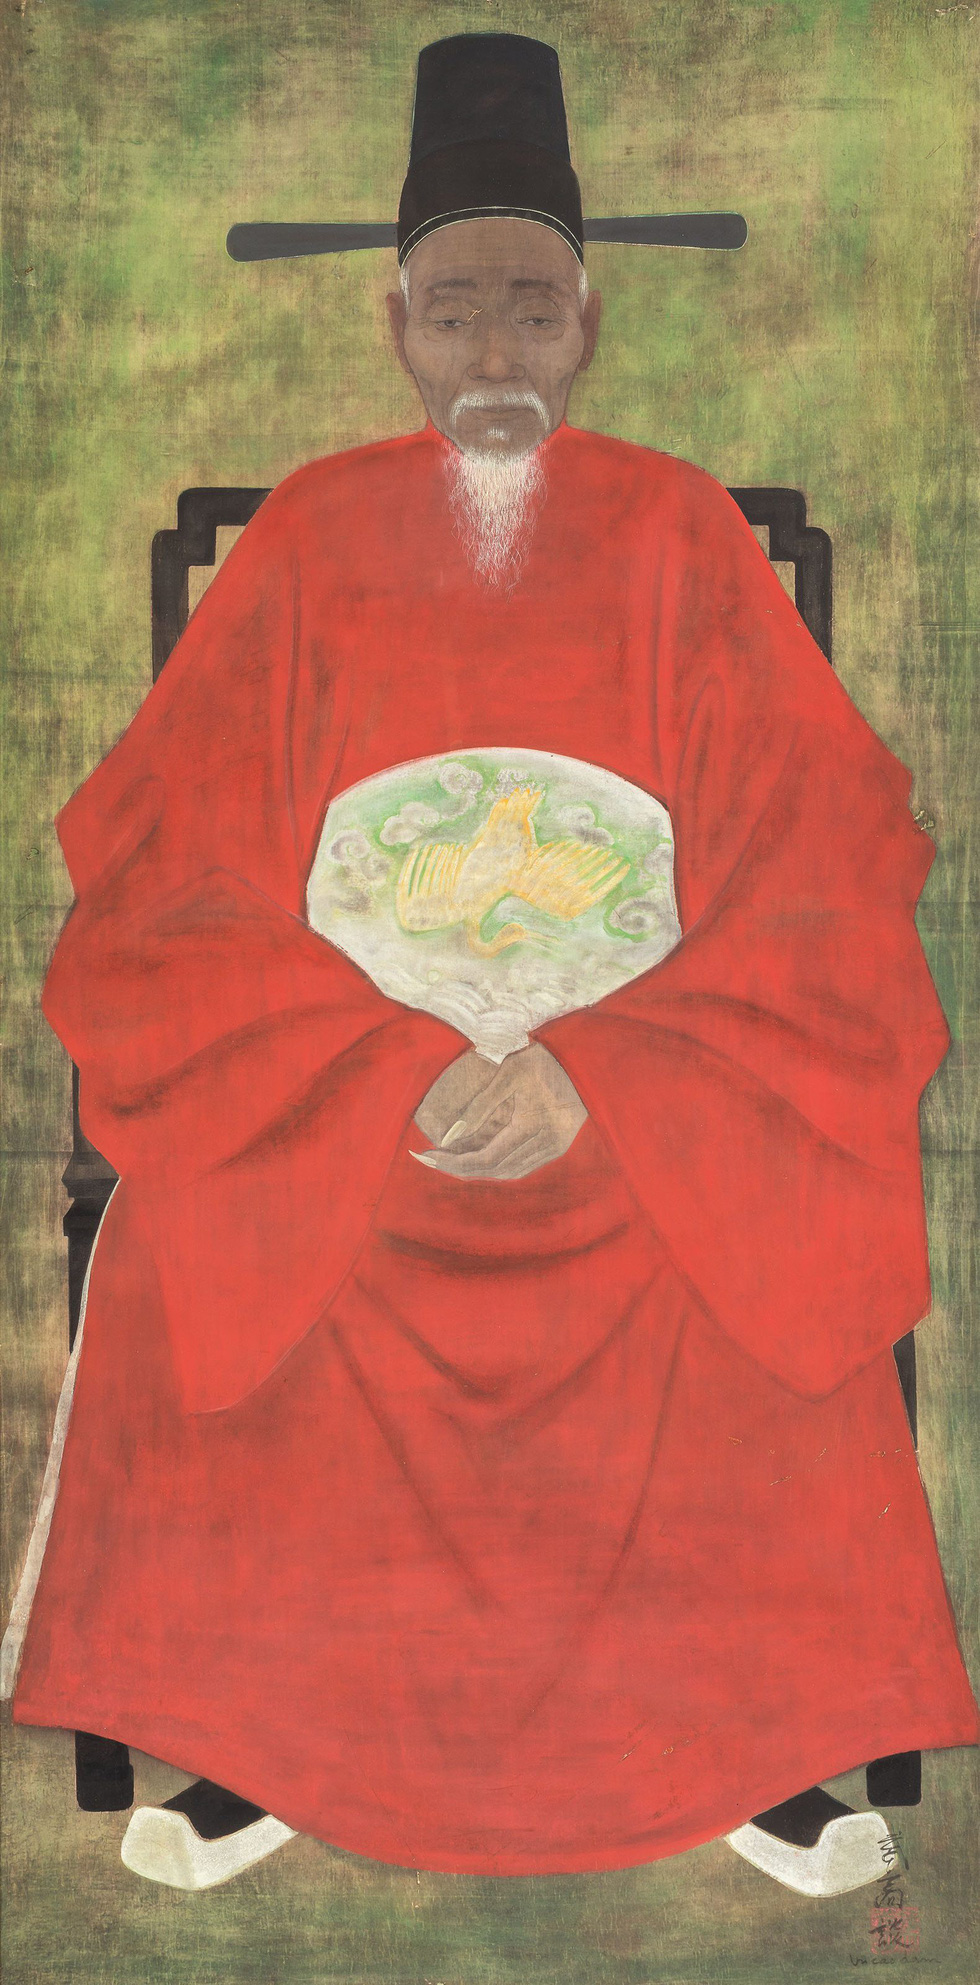 Tranh khỏa thân của Lê Phổ được mua giá kỷ lục 1,4 triệu USD - Ảnh 8.